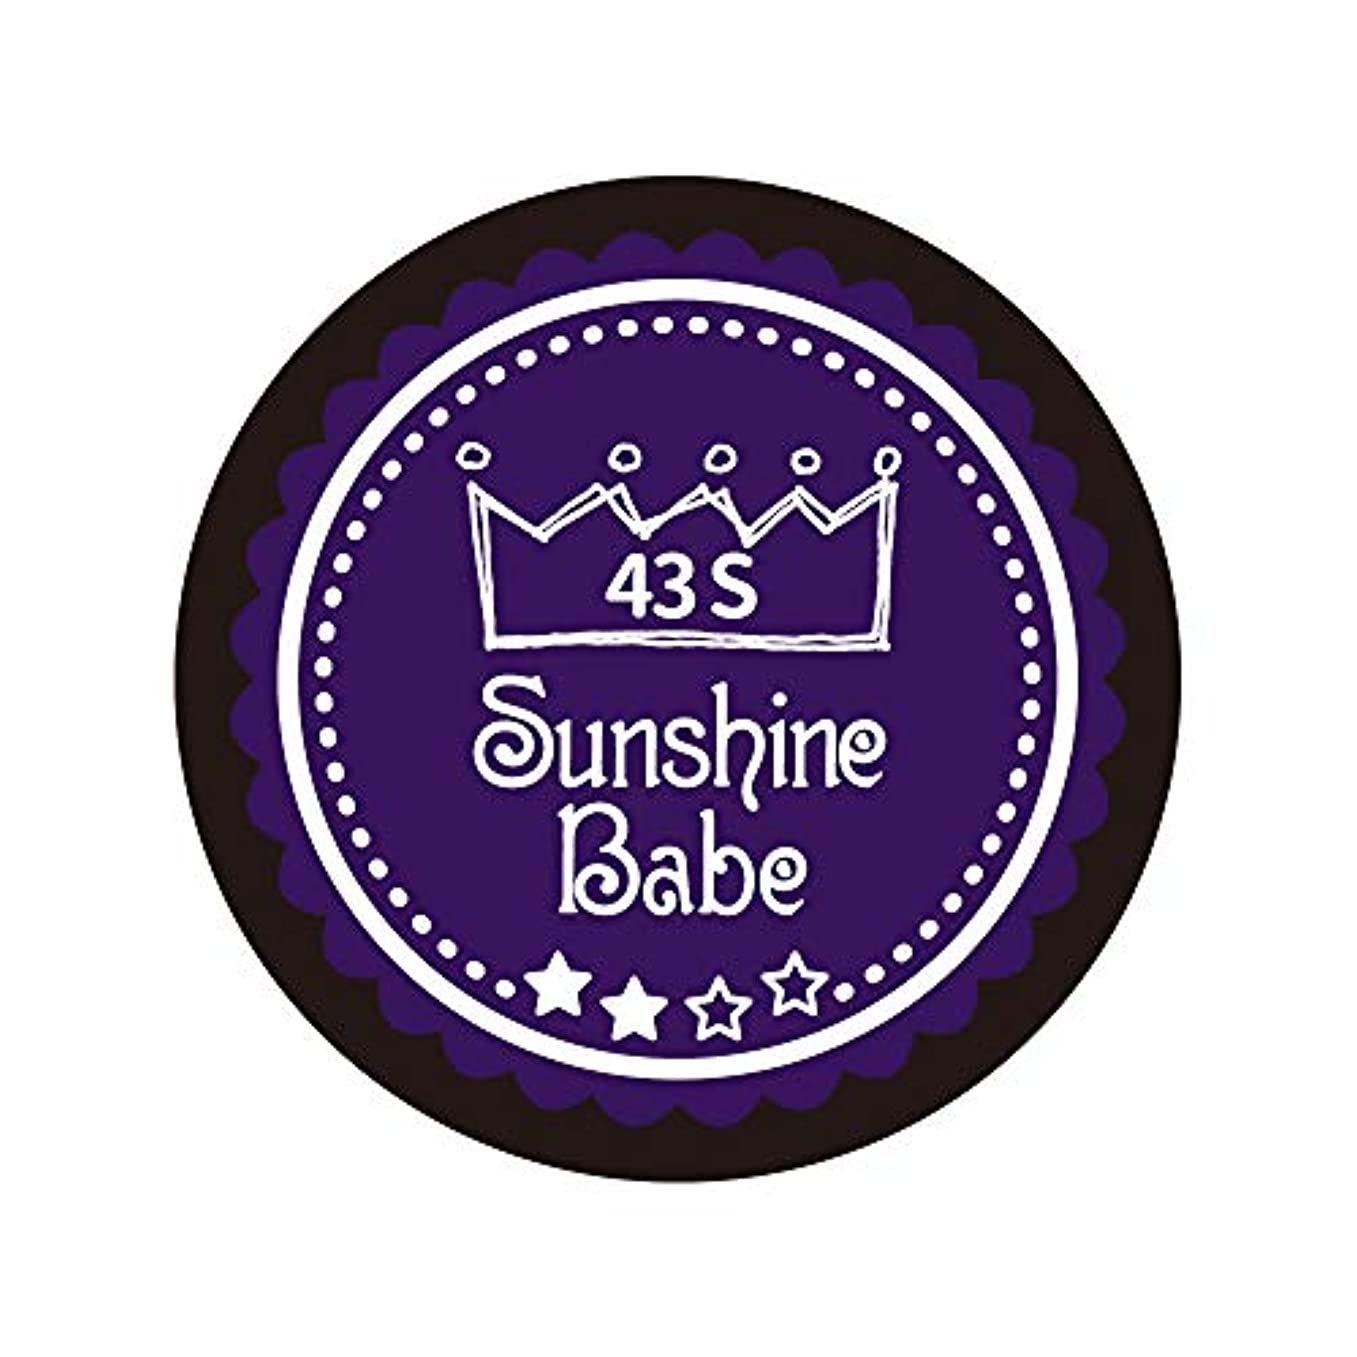 メガロポリス写真を撮るラックSunshine Babe カラージェル 43S オータムウルトラバイオレット 4g UV/LED対応